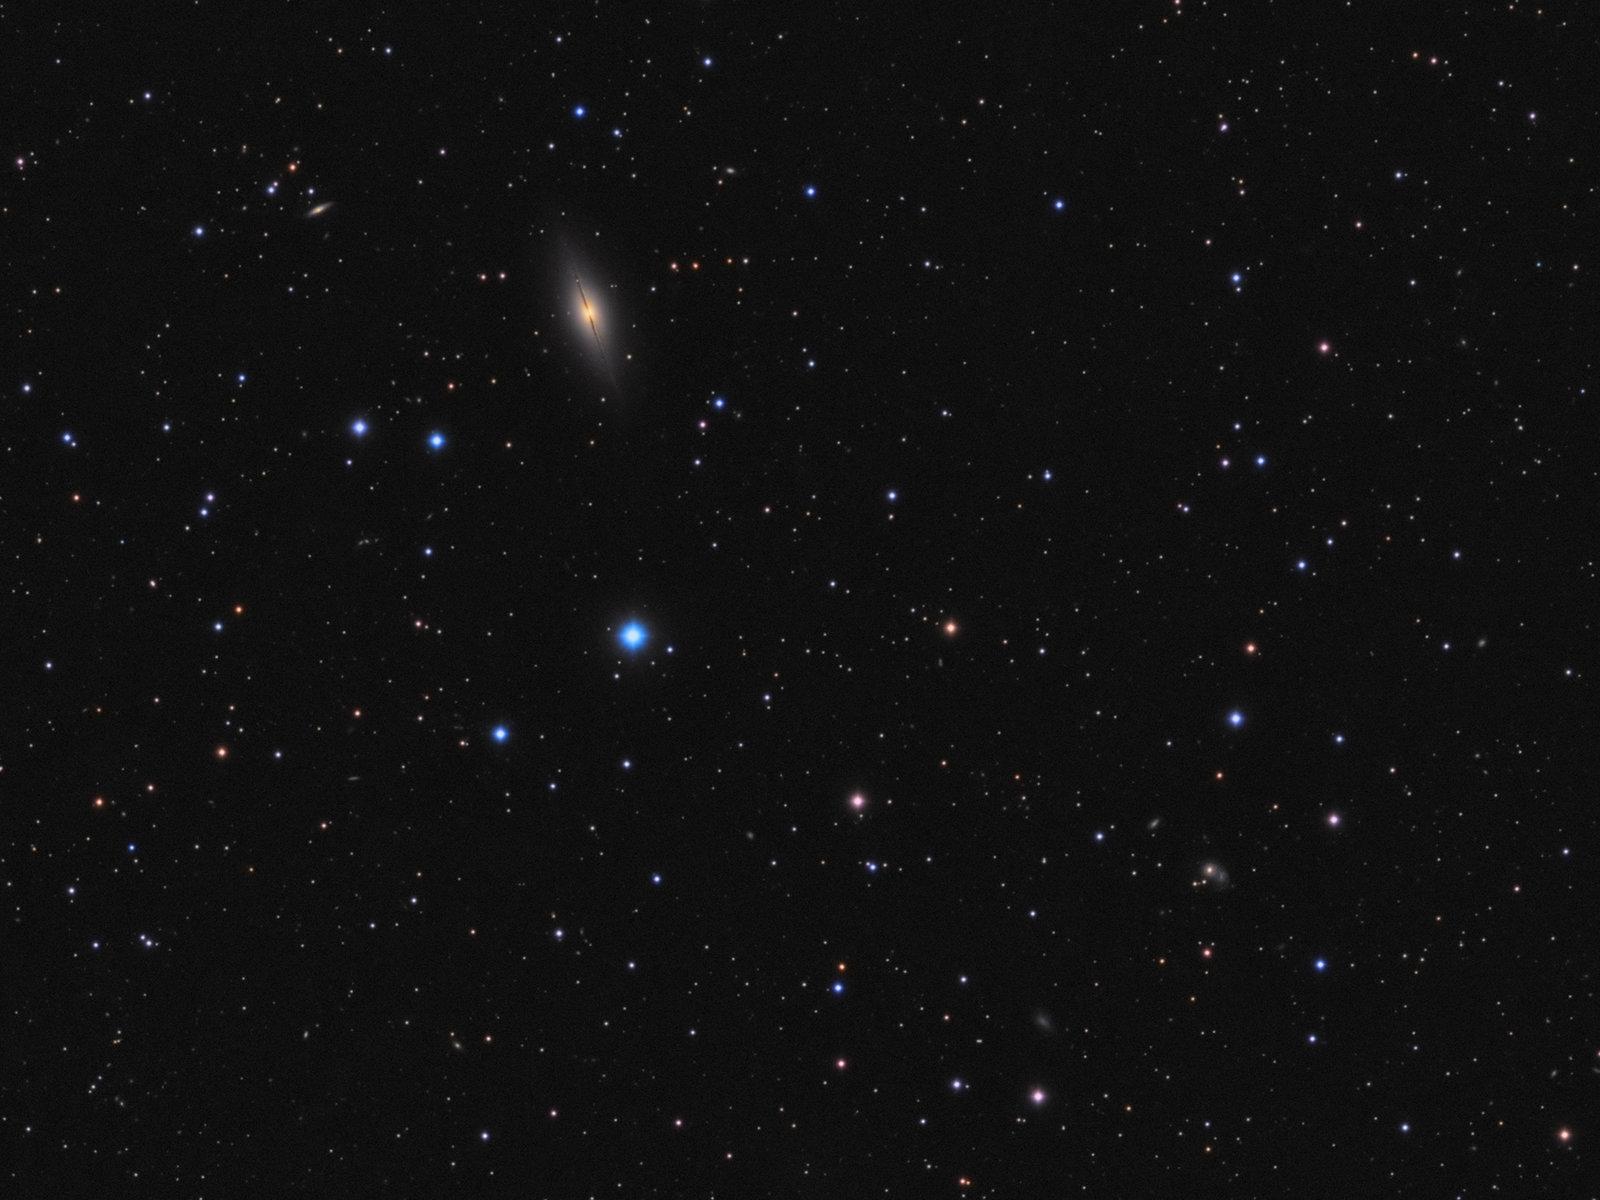 !Final_NGC7814-LRGB_V8_1920px_crop.jpg